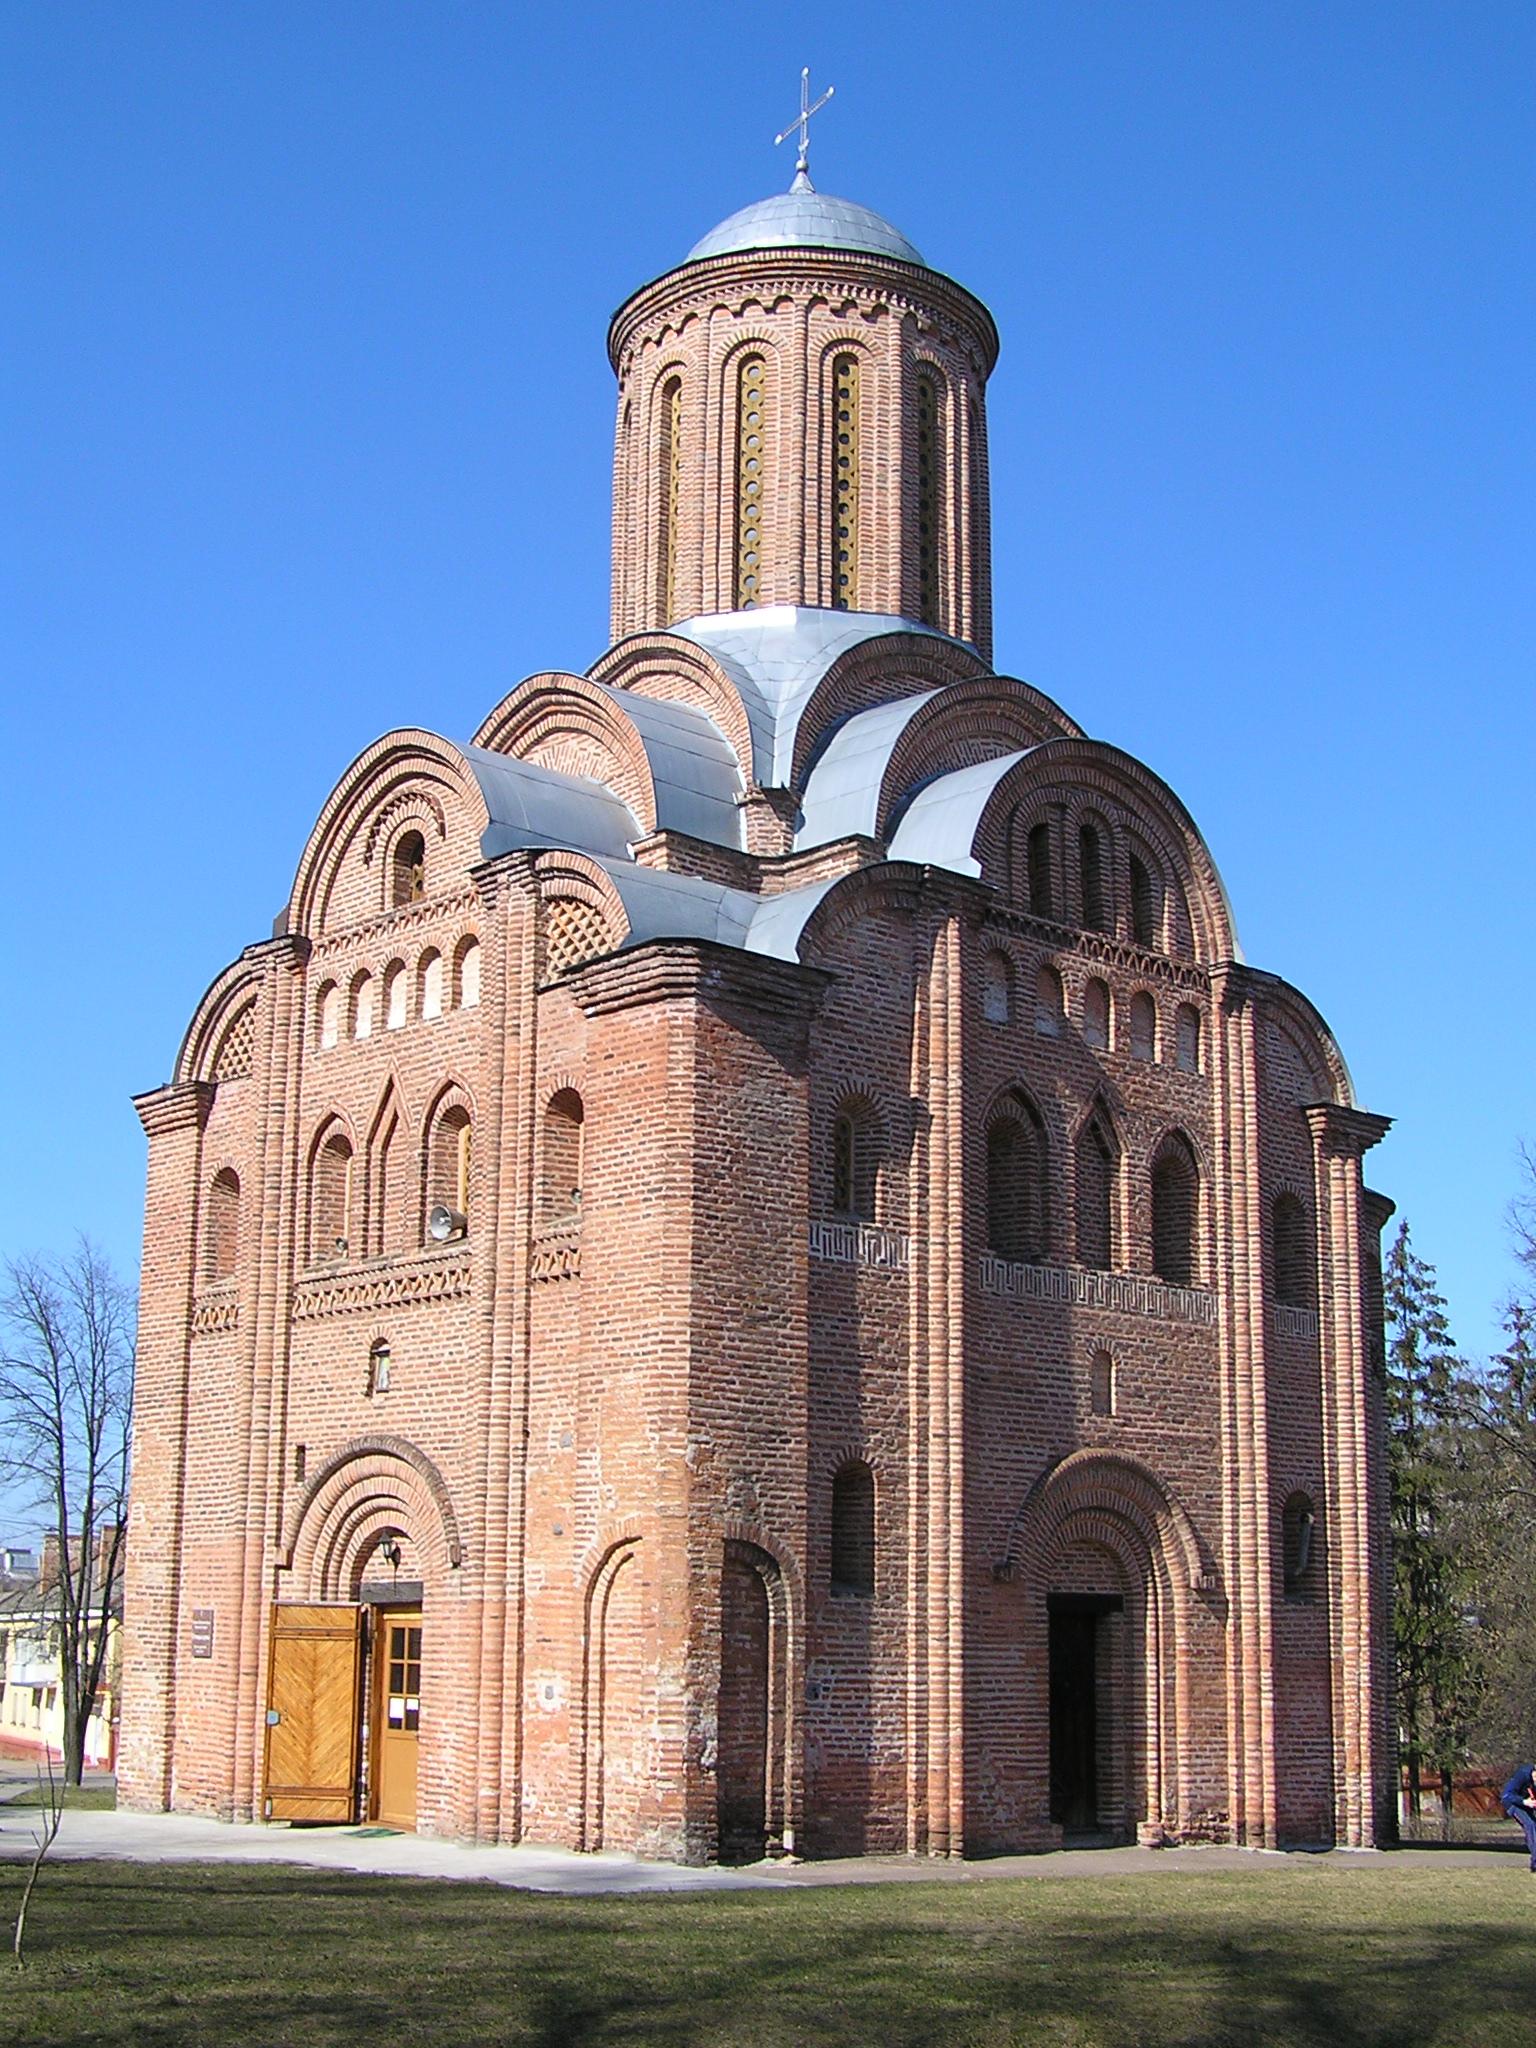 File:П'ятницька церква к.12-п.13 ст., м.Чернігів.JPG - Wikimedia ...